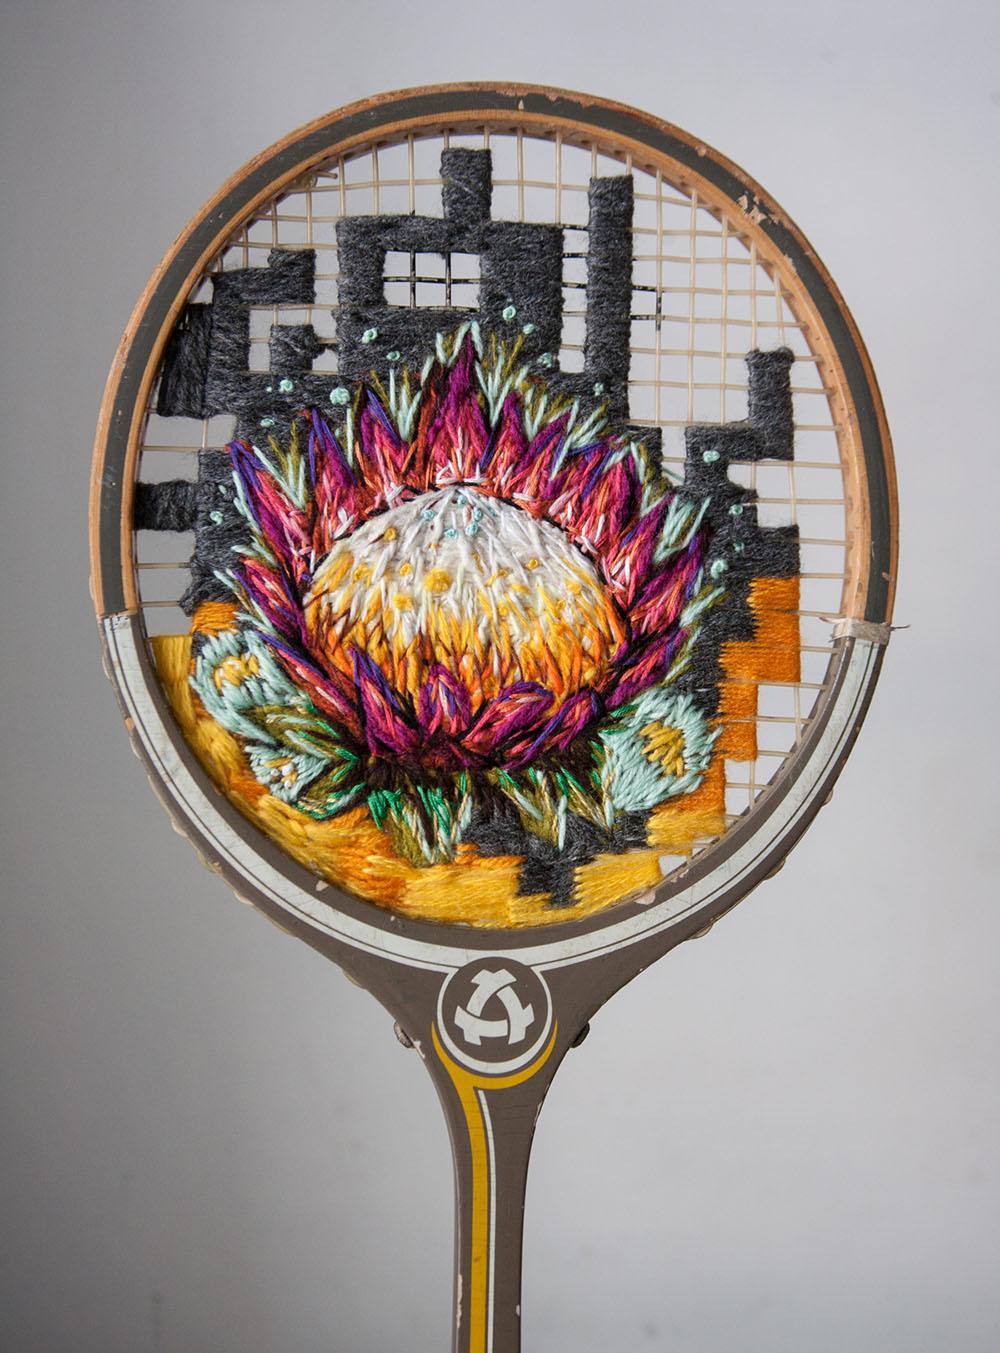 danielle_clough_tennis_racket_embroidery_05